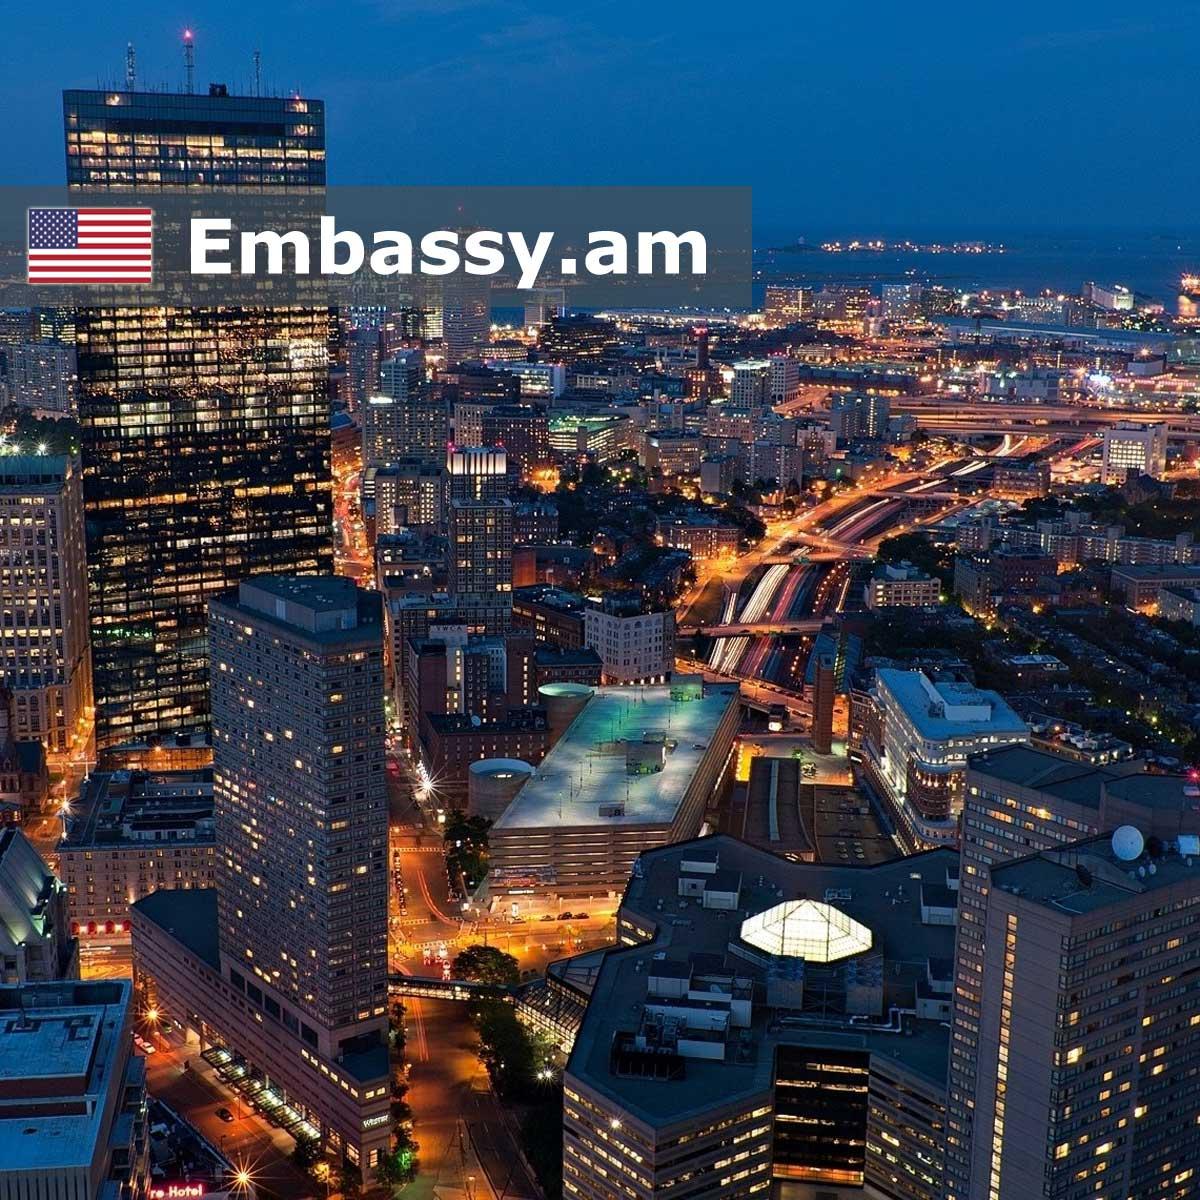 Бостон - Отели в США - Embassy.am